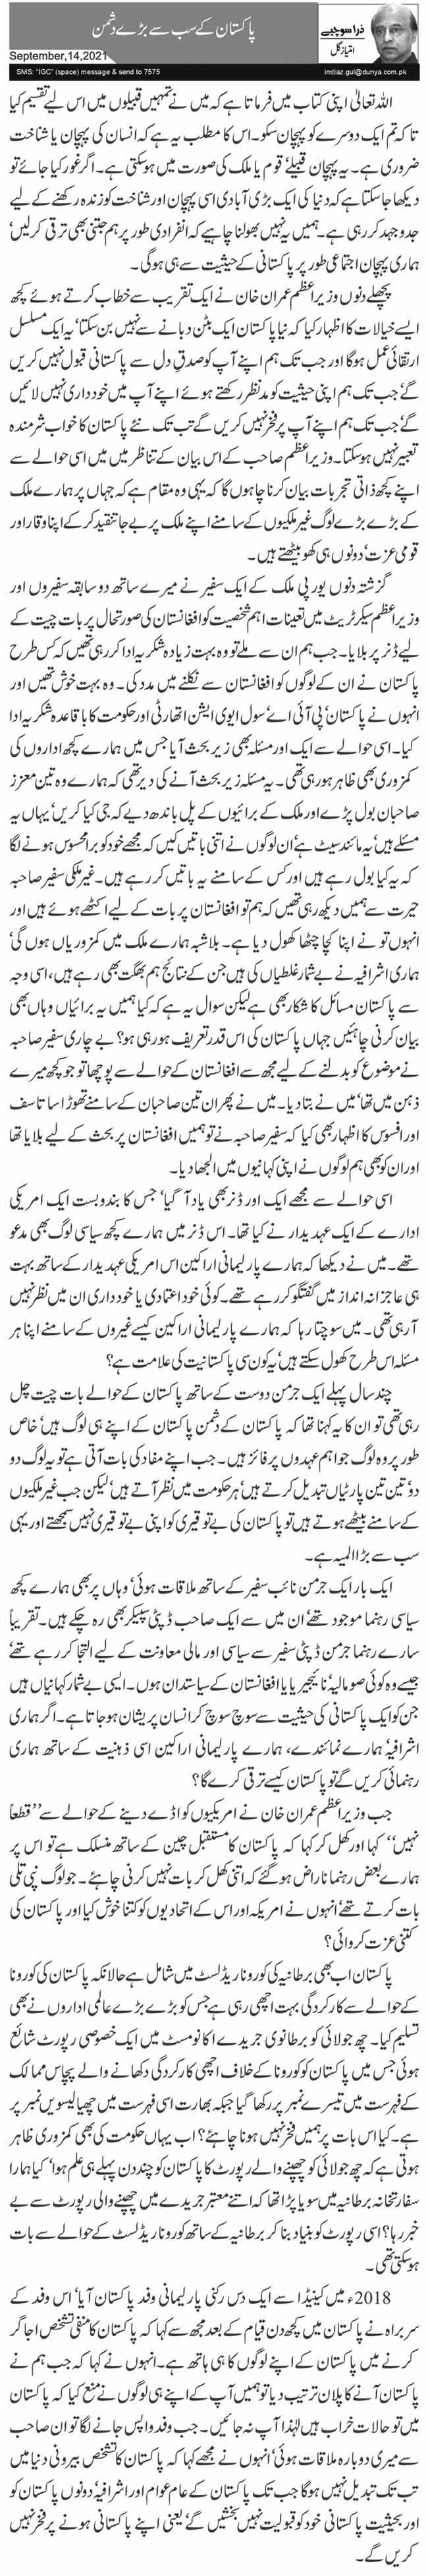 پاکستان کے سب سے بڑے دشمن